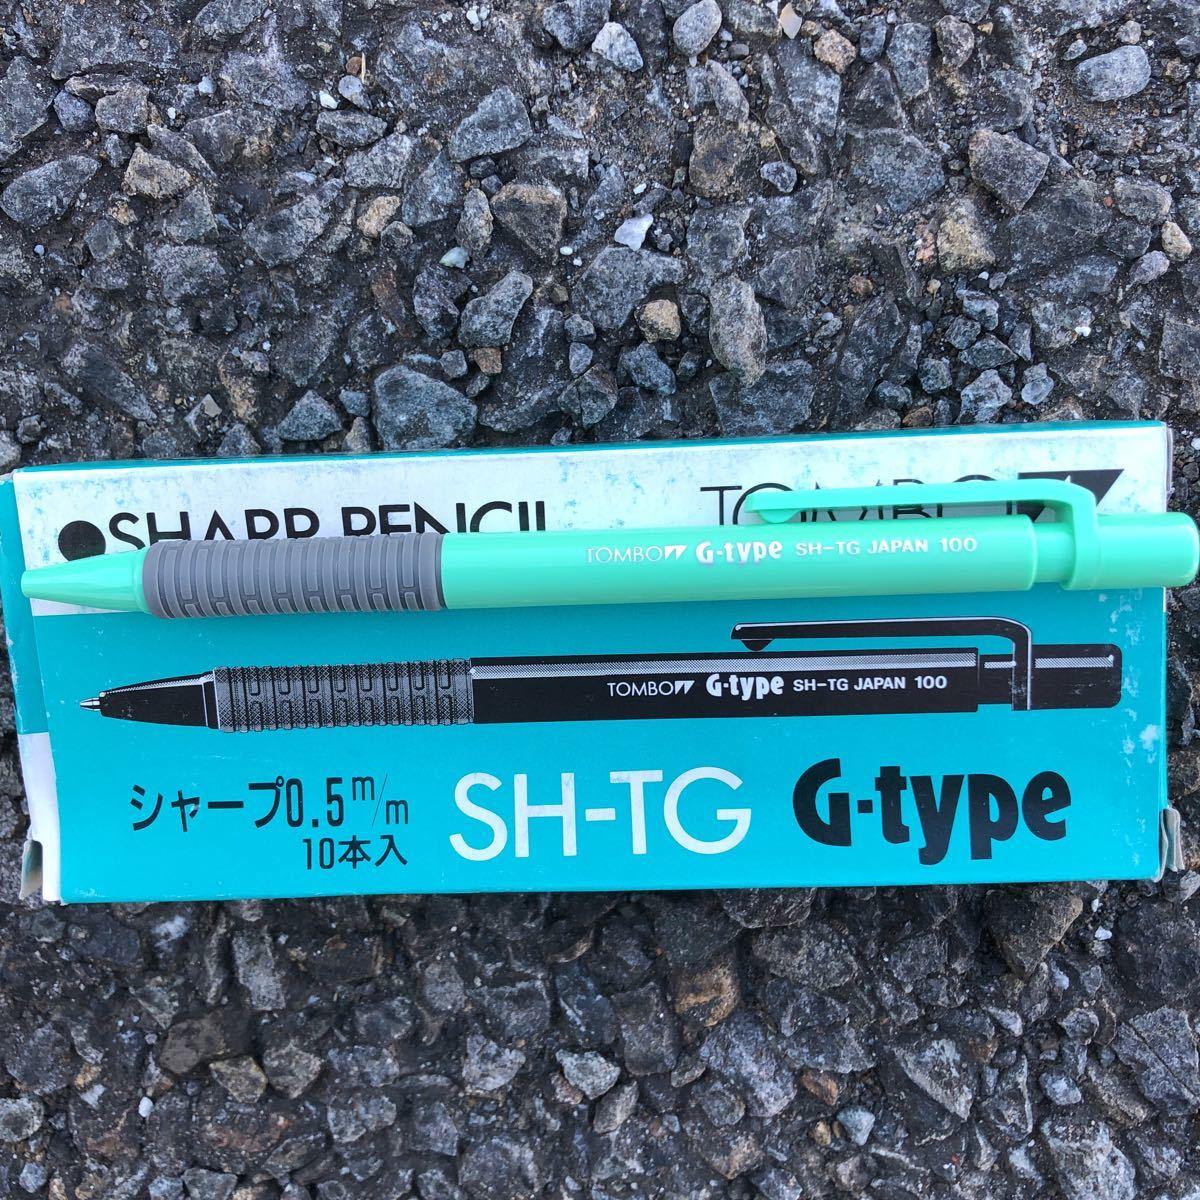 送料無料【未使用】トンボ鉛筆 SH-TG G-type 廃盤 廃番 10本入 デッドストック シャープペンシル 0.5mm グリーン_画像4